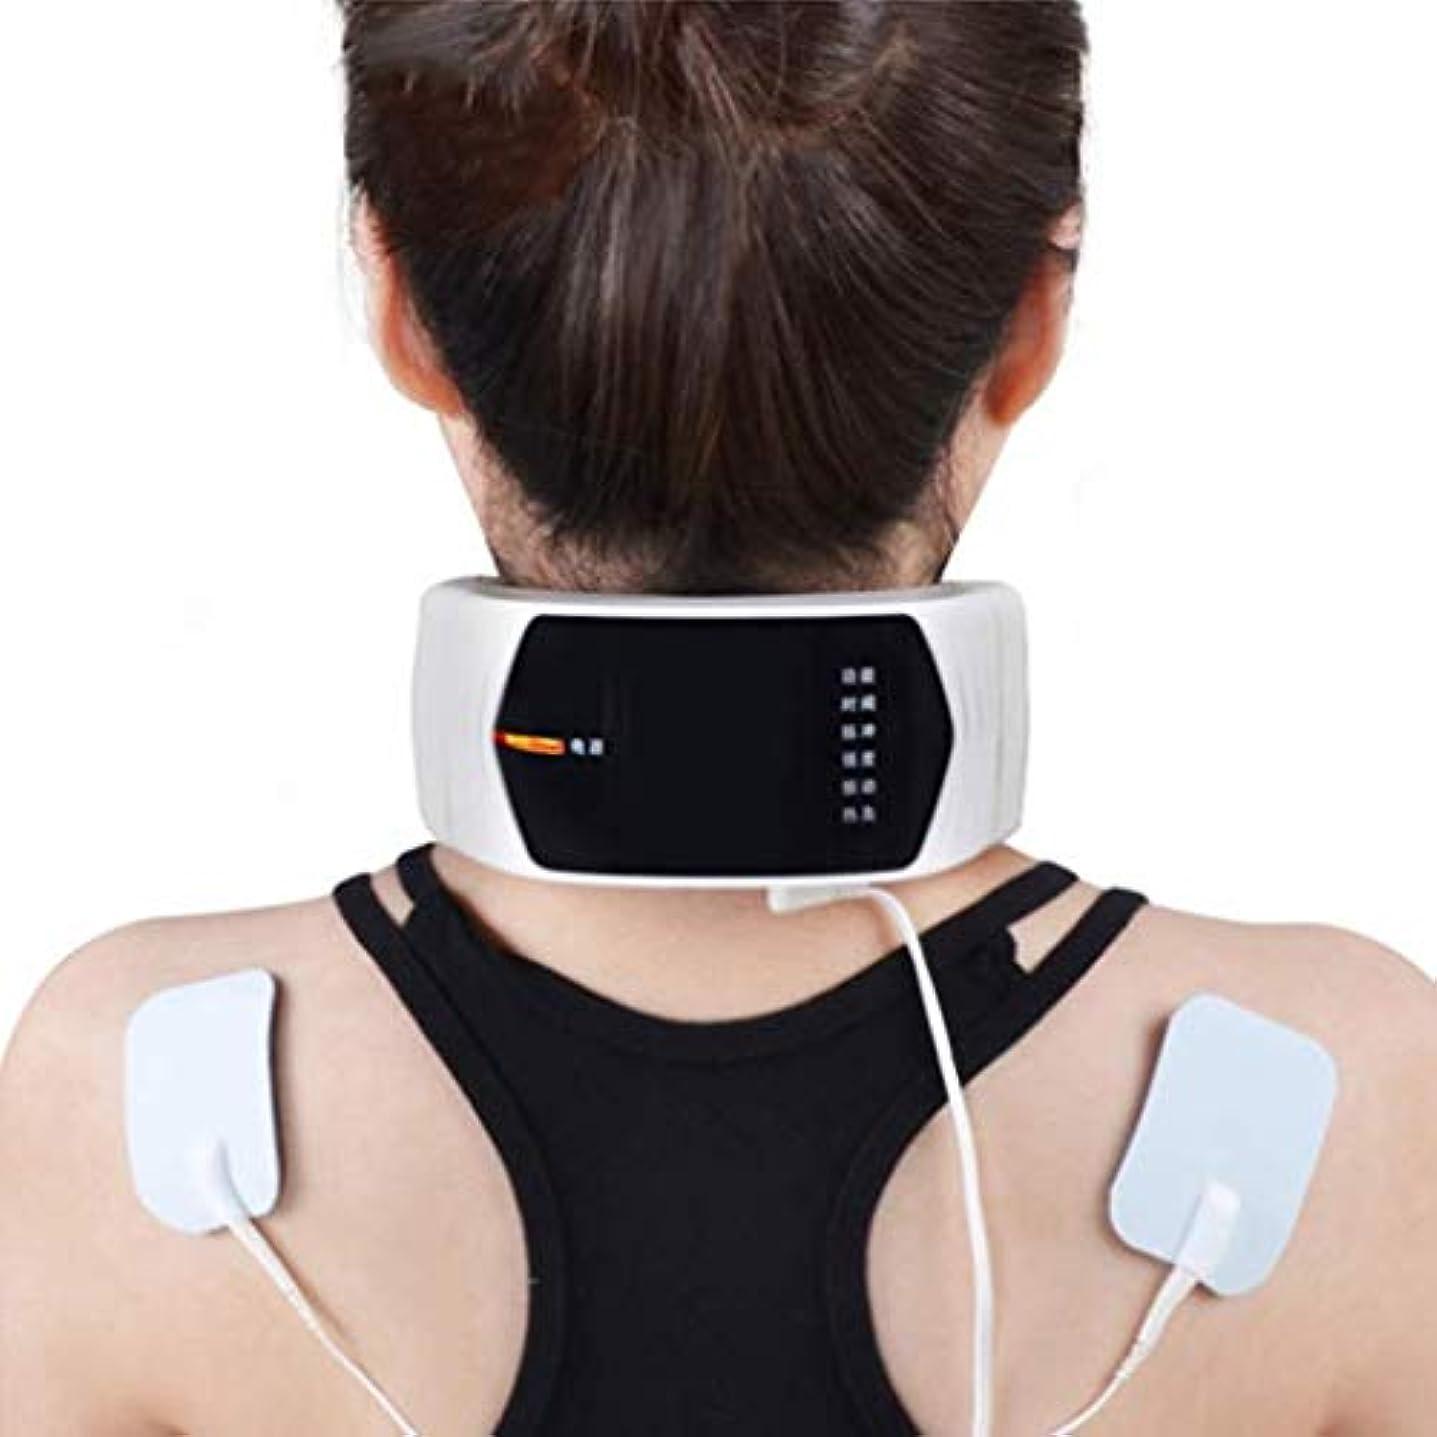 扱う使い込むカバレッジ電動マッサージャー、パルスネック頸部マッサージャー、ワイヤレスリモコンマッサージツール、インテリジェント理学療法マッサージャープラスアダプター